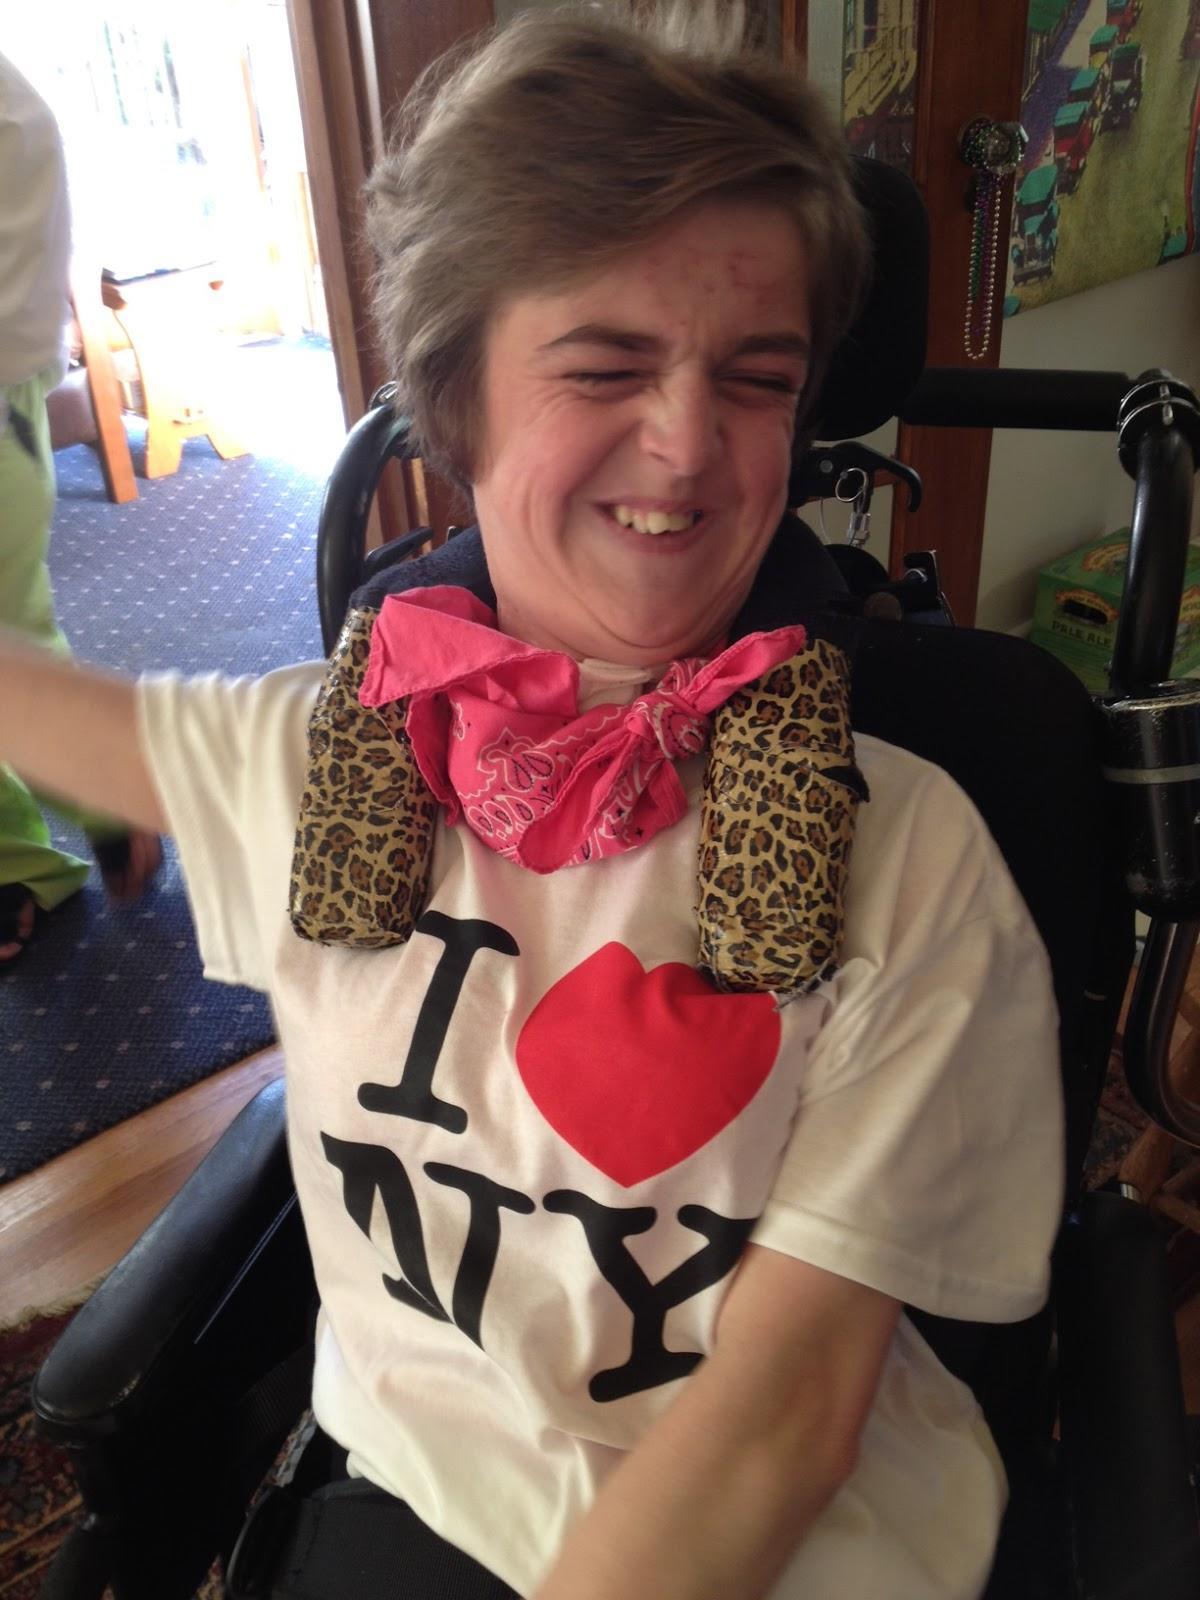 http://2.bp.blogspot.com/-r3K41dqiED4/UA1-tJEsB9I/AAAAAAAAB8Q/8HG8fEC_cEQ/s1600/Maggie+loves+NY.JPG